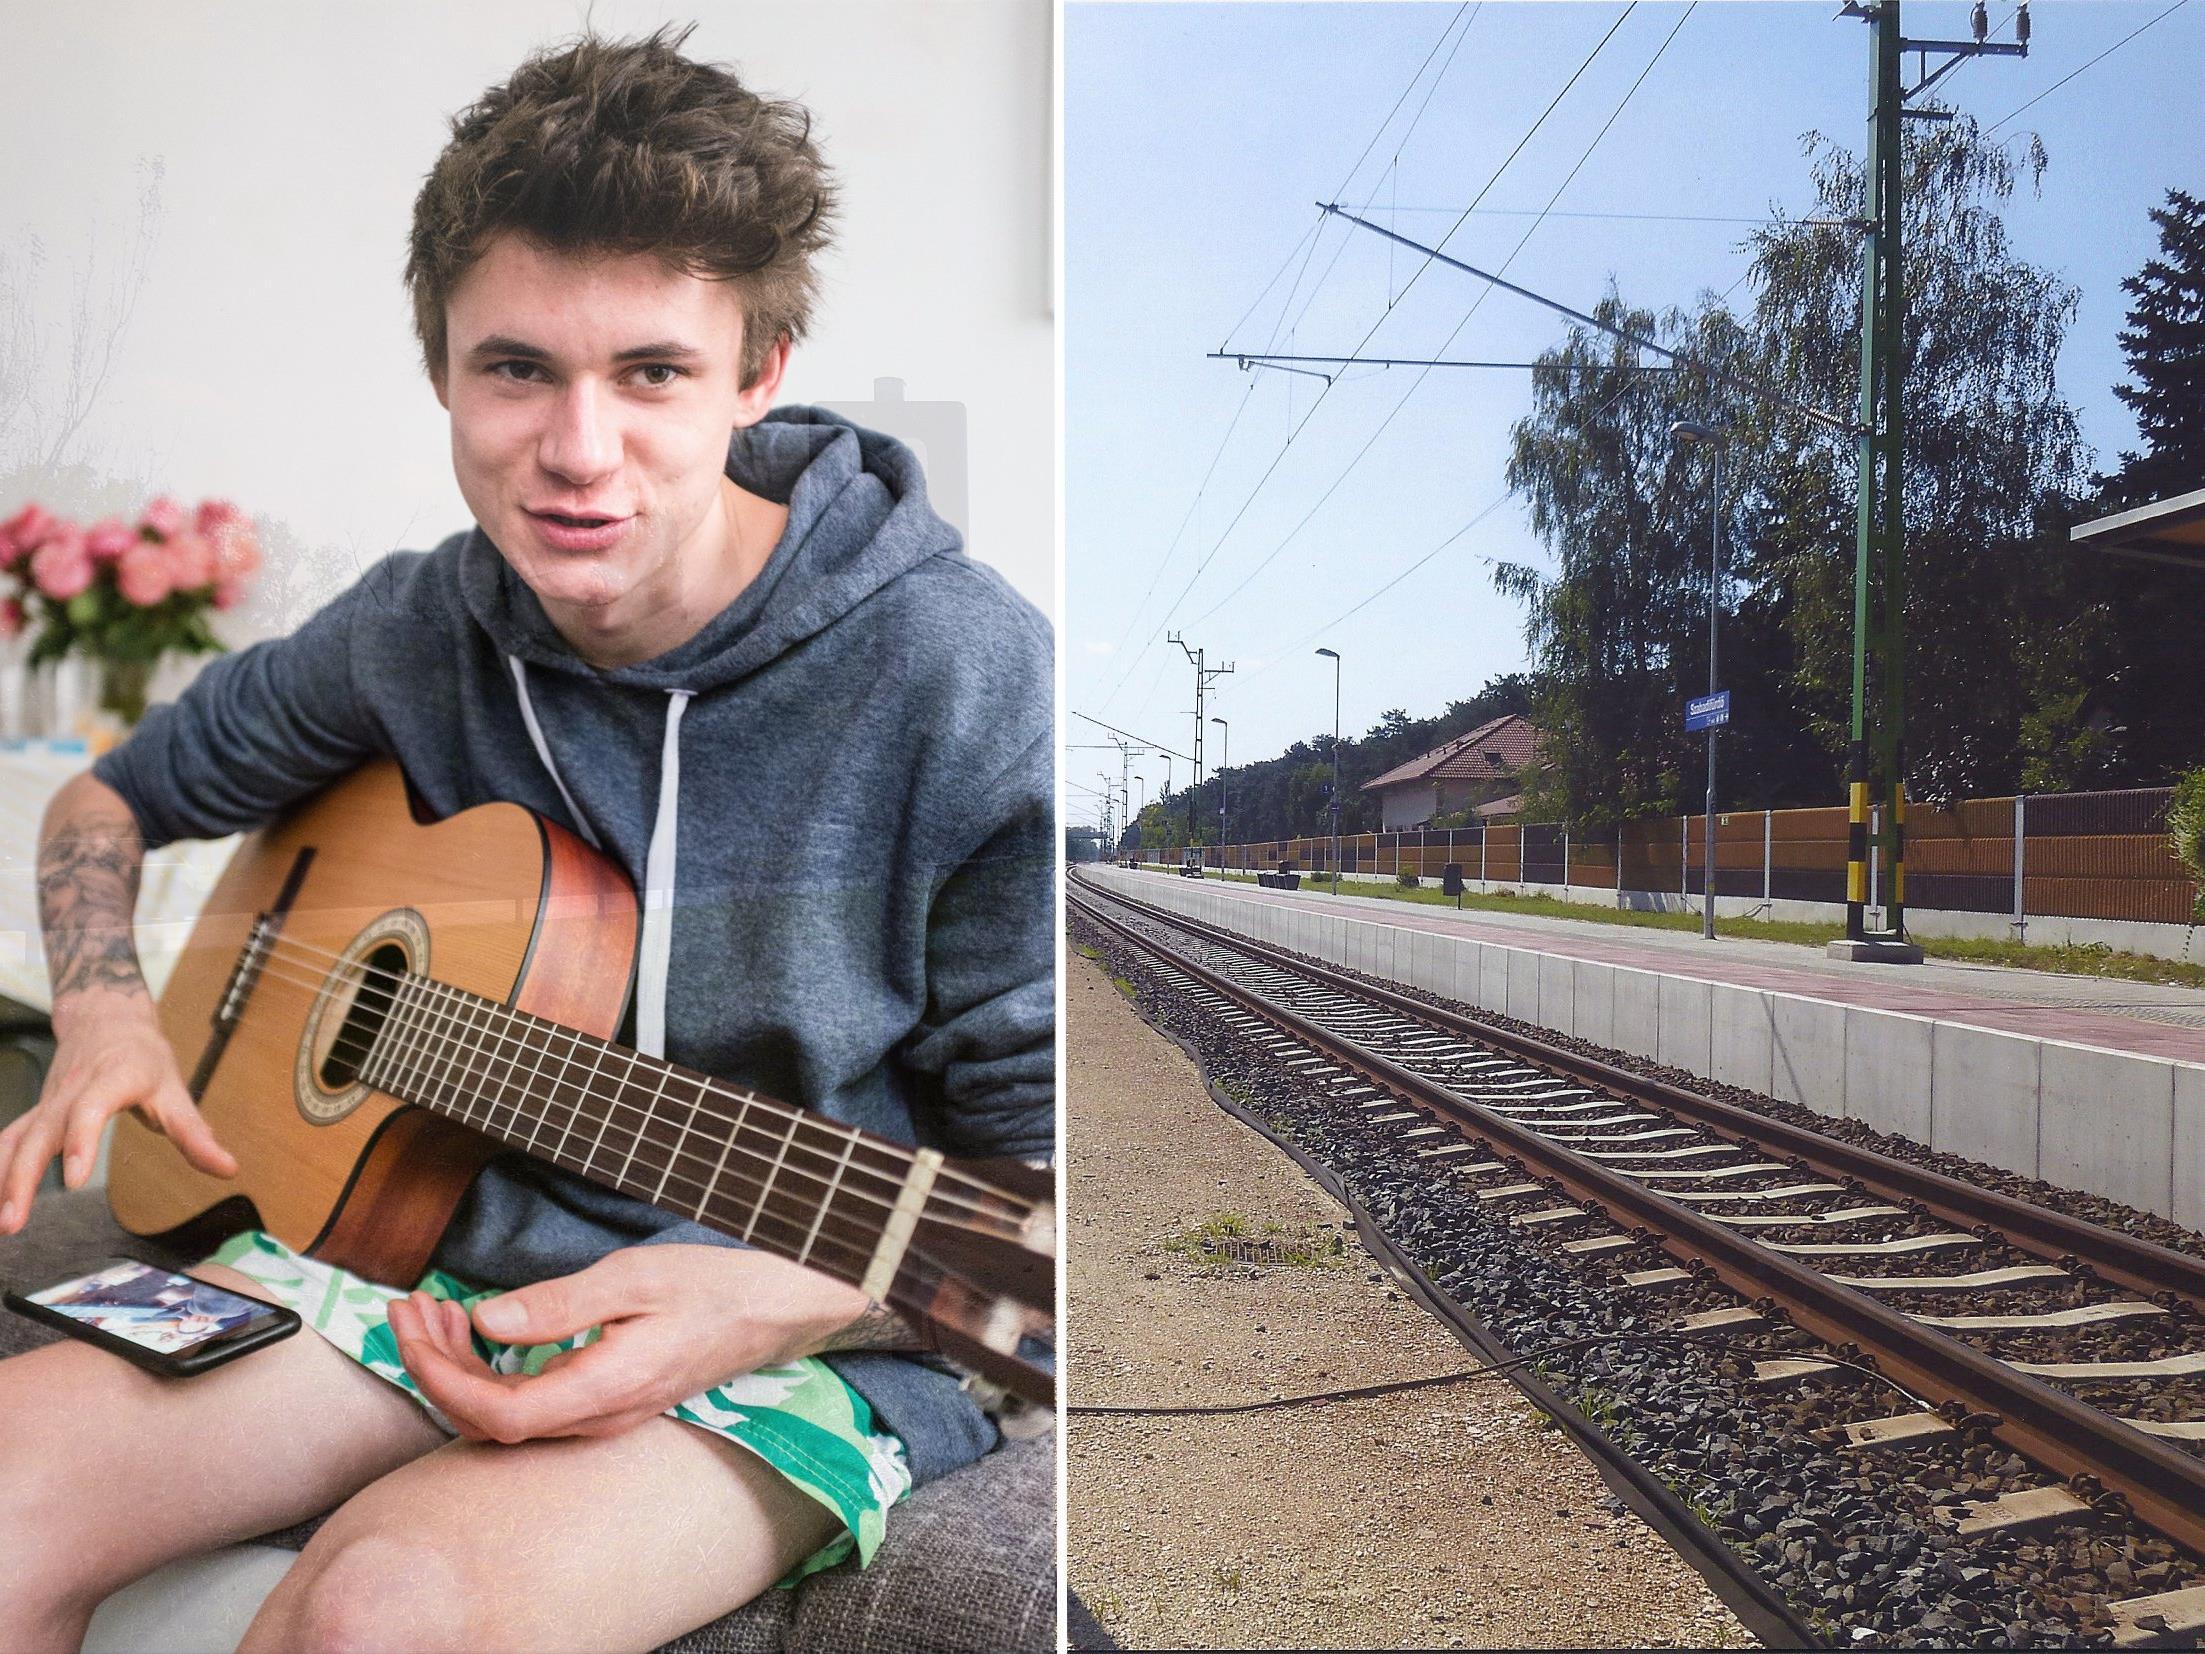 Vladyslav Shyshko wurde an einem fünf Kilometer entfernten Bahngleis aufgefunden.